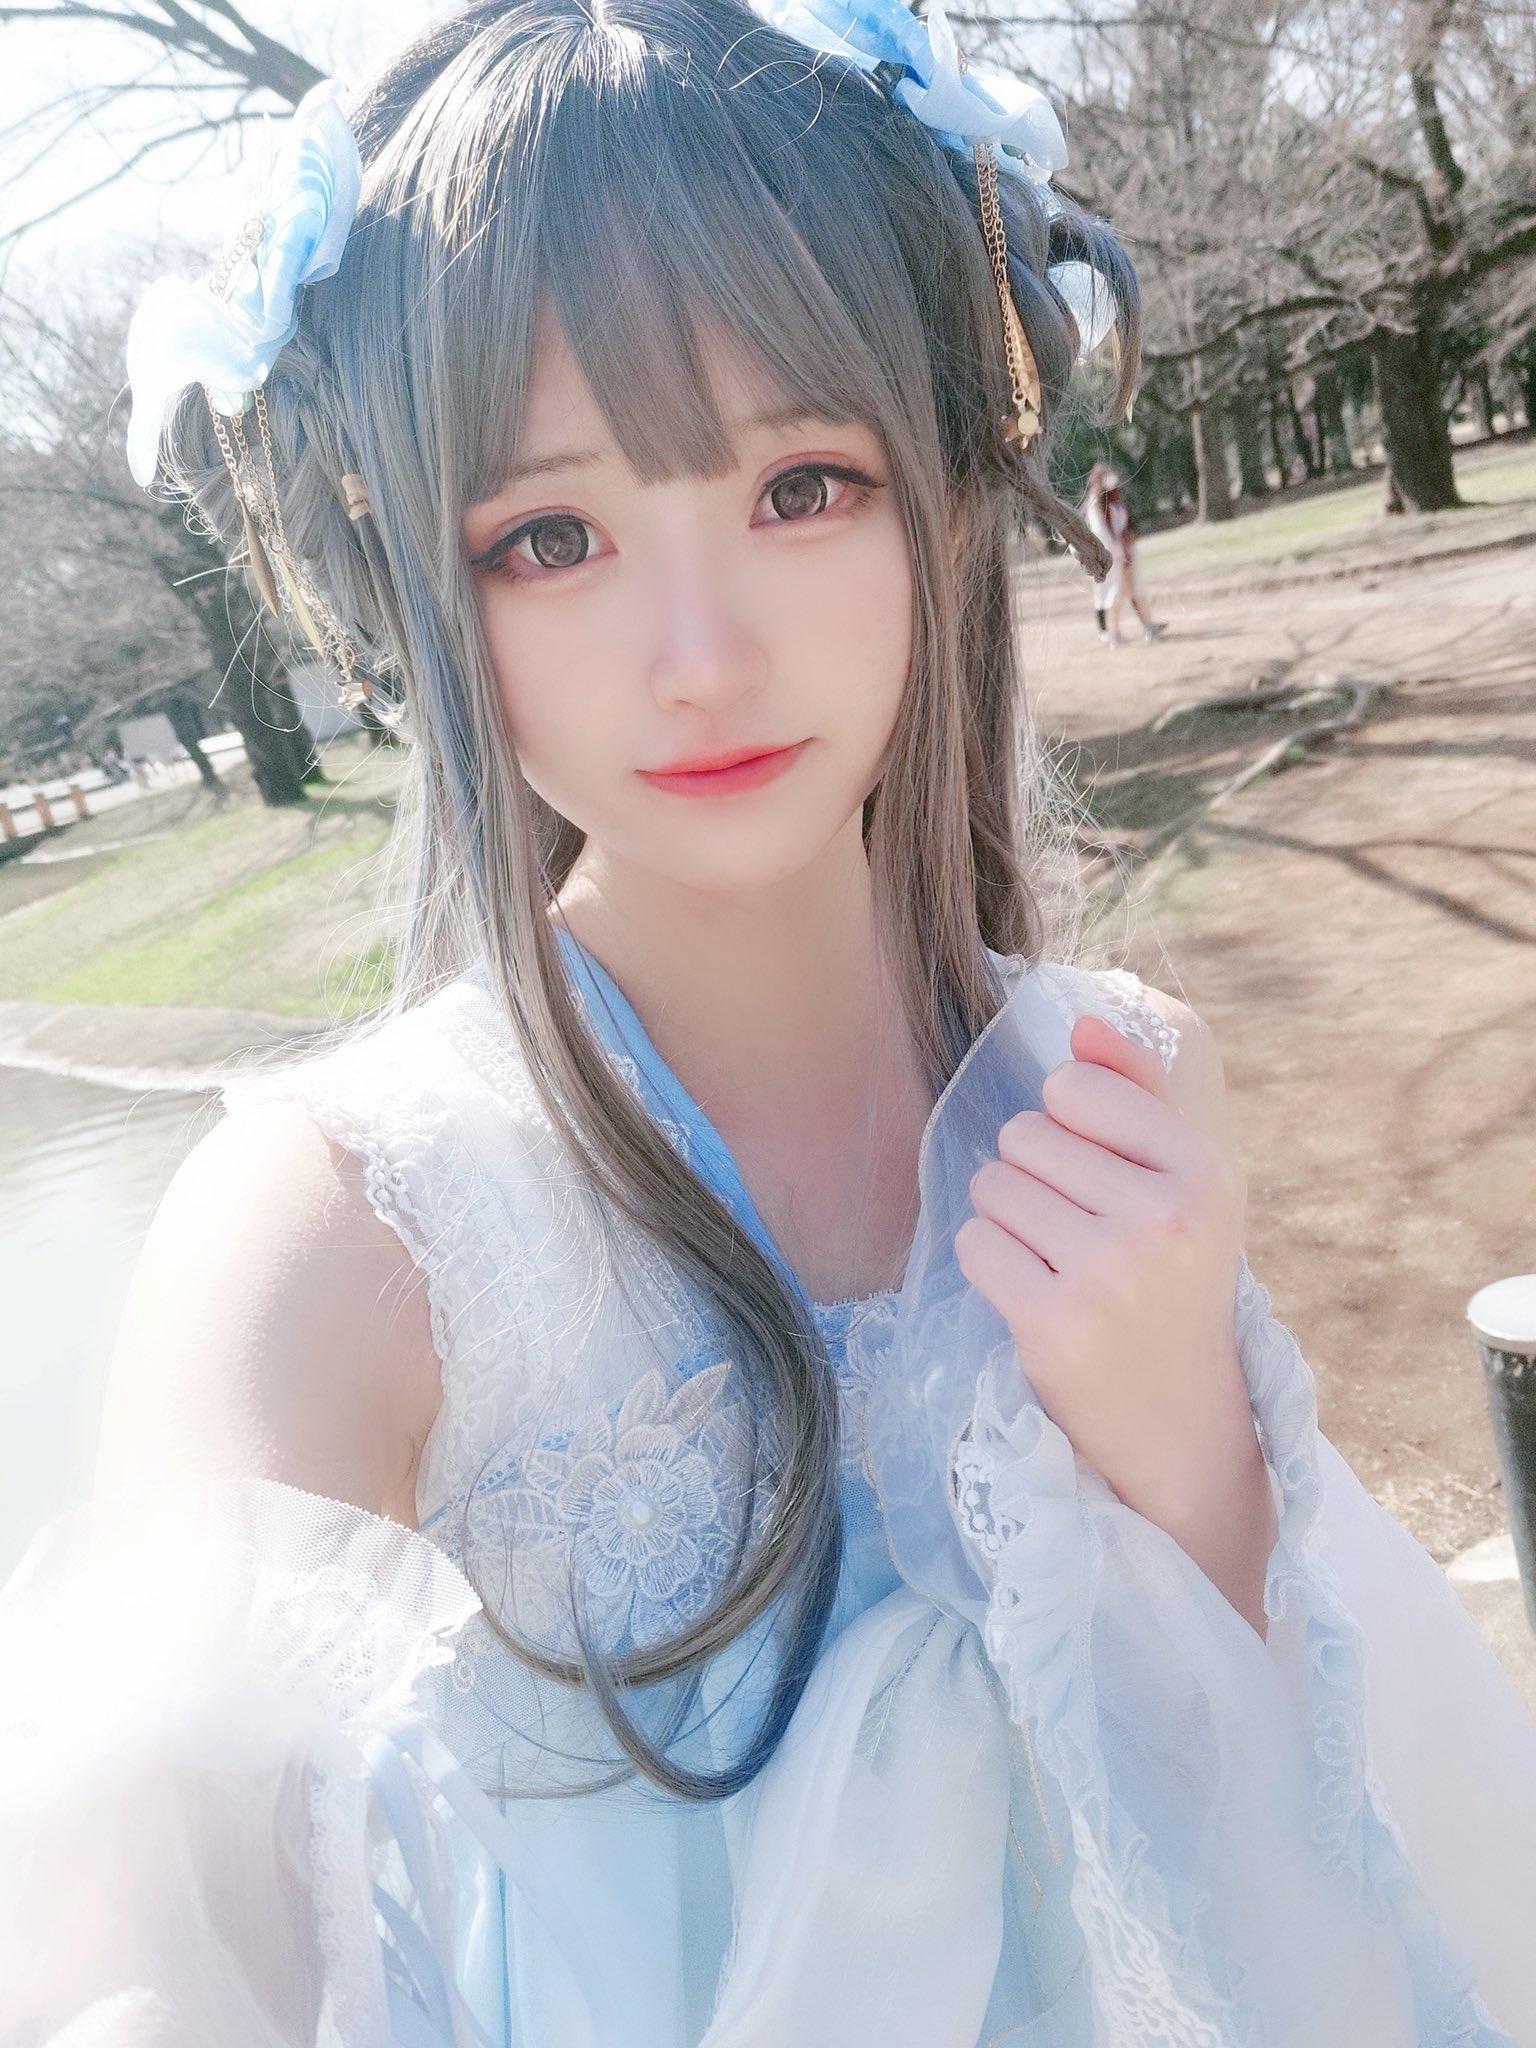 画像,🐱🦋🤍今日撮った三着!服かわいい〜〜 https://t.co/9yVRokBbpT。